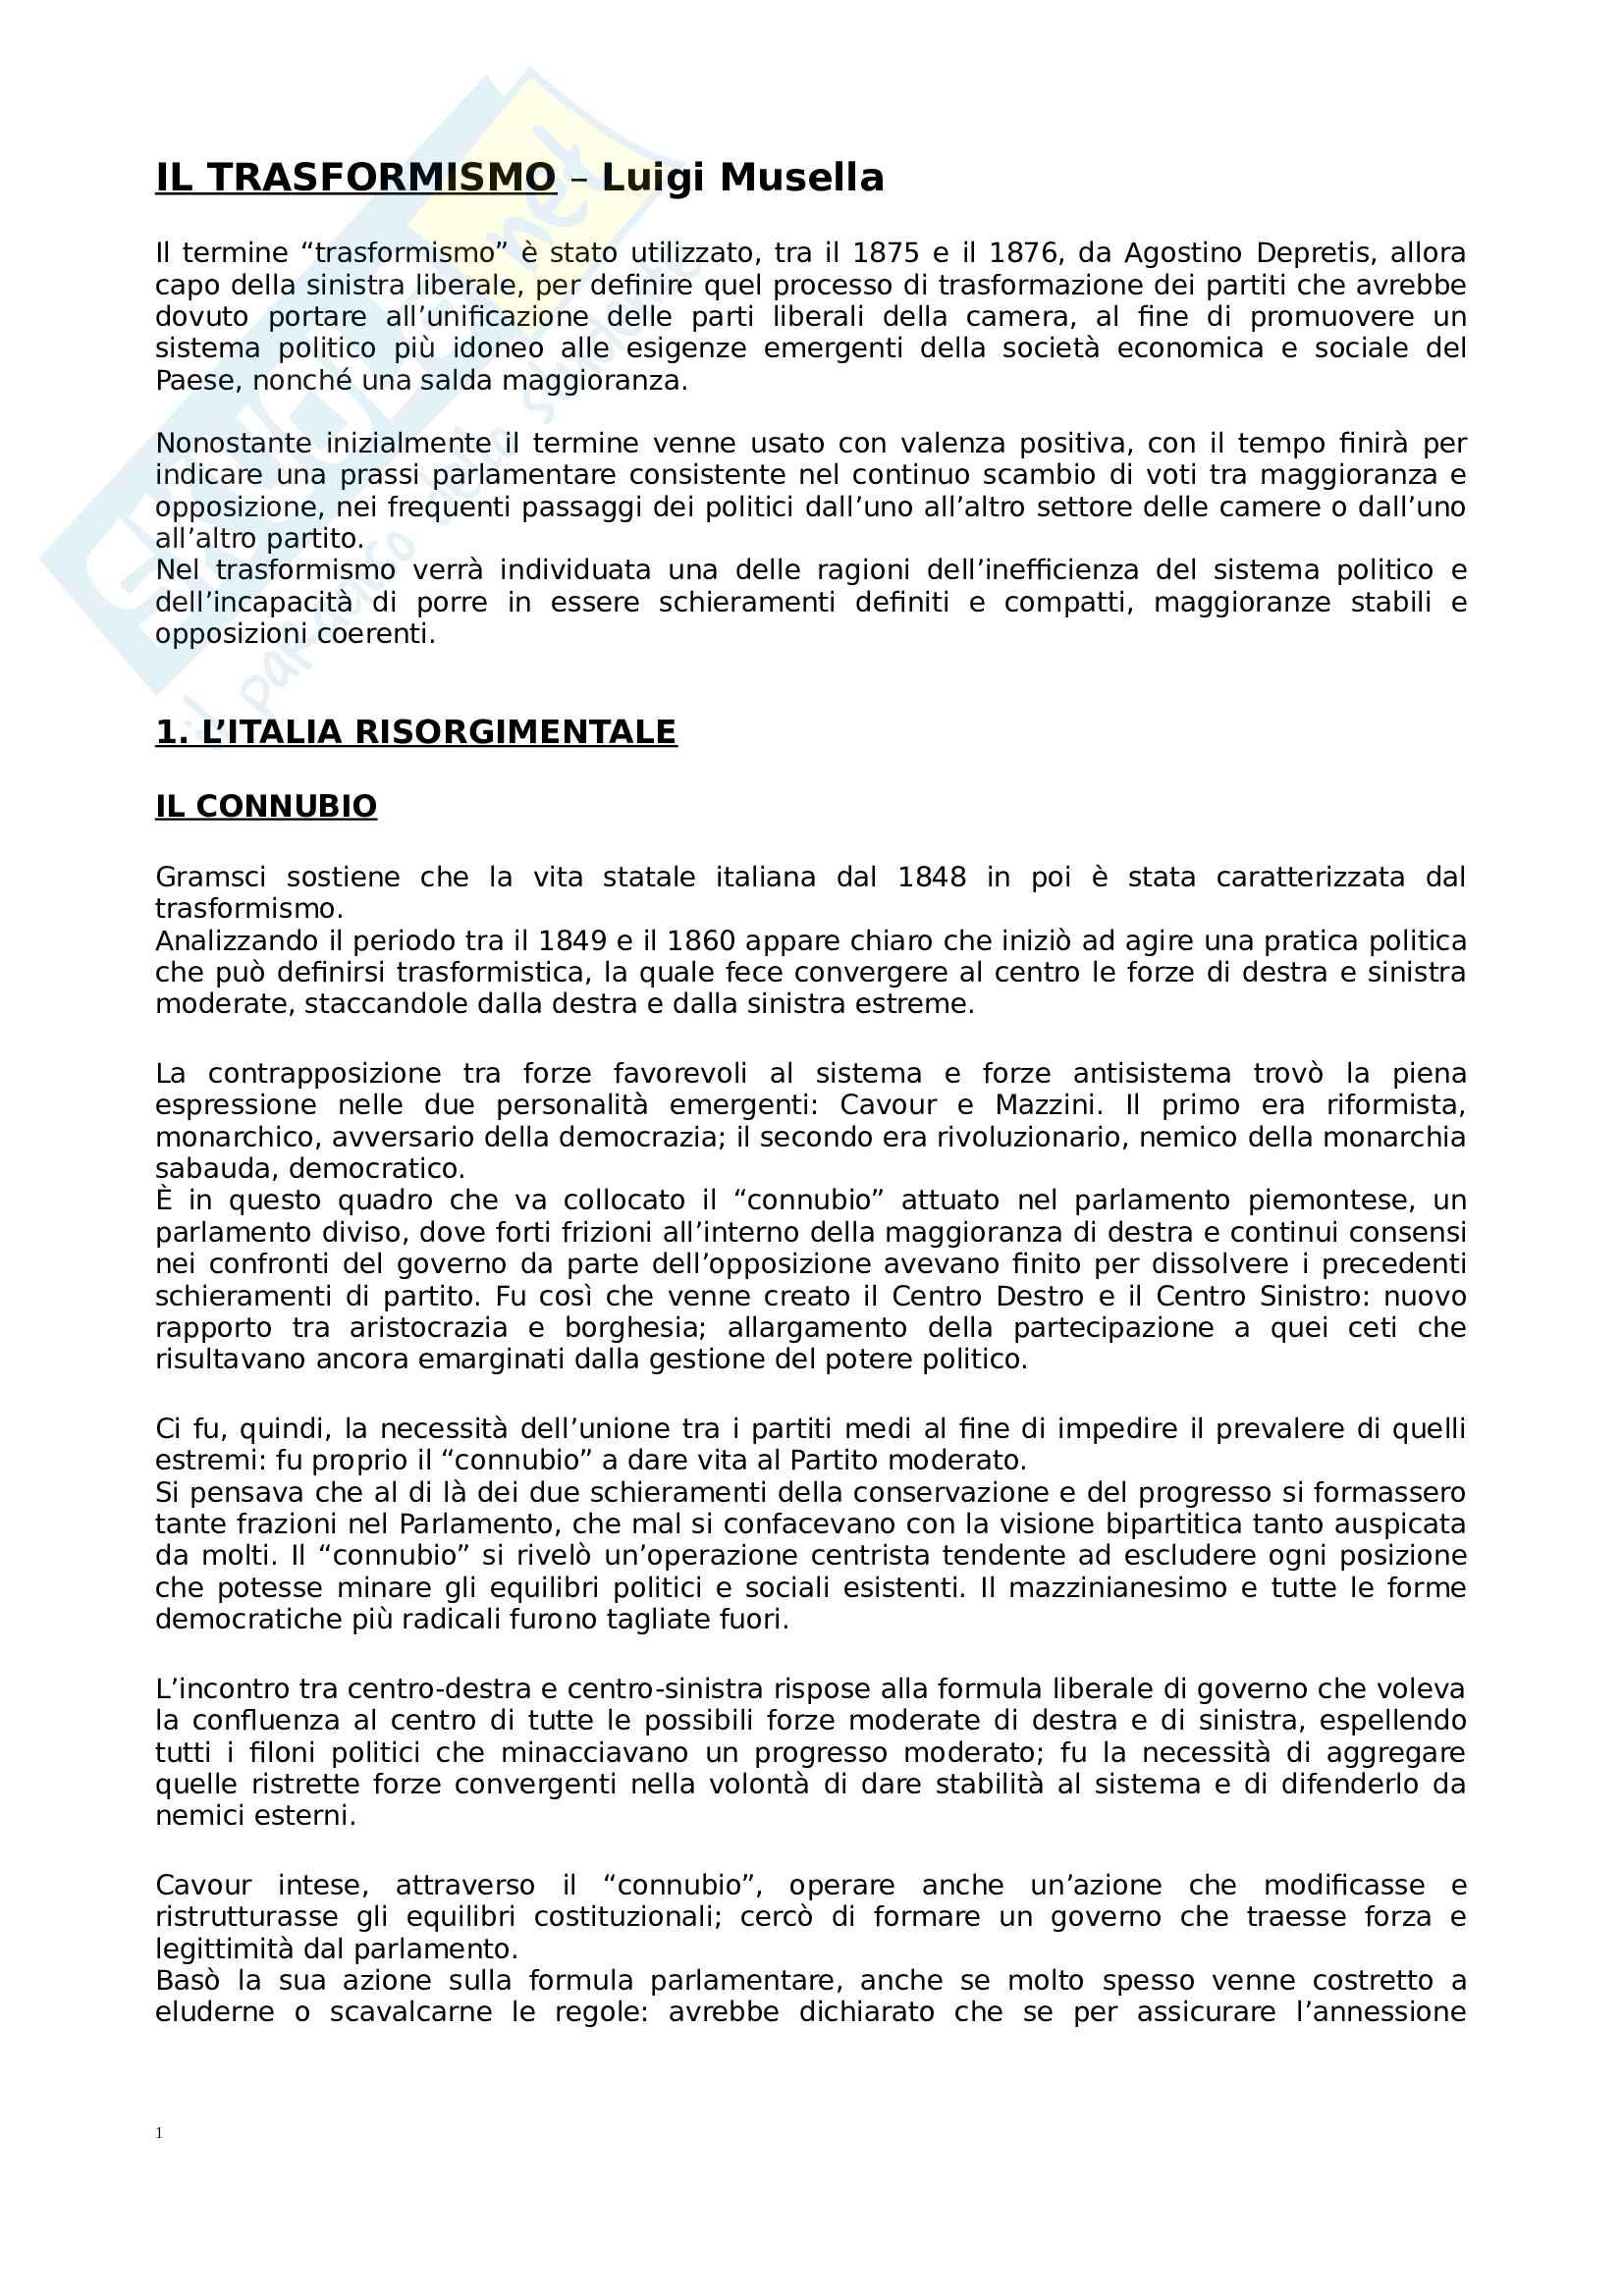 Riassunto esame Storia contemporanea, prof. Della Penna, libro consigliato Il Trasformismo, Musella